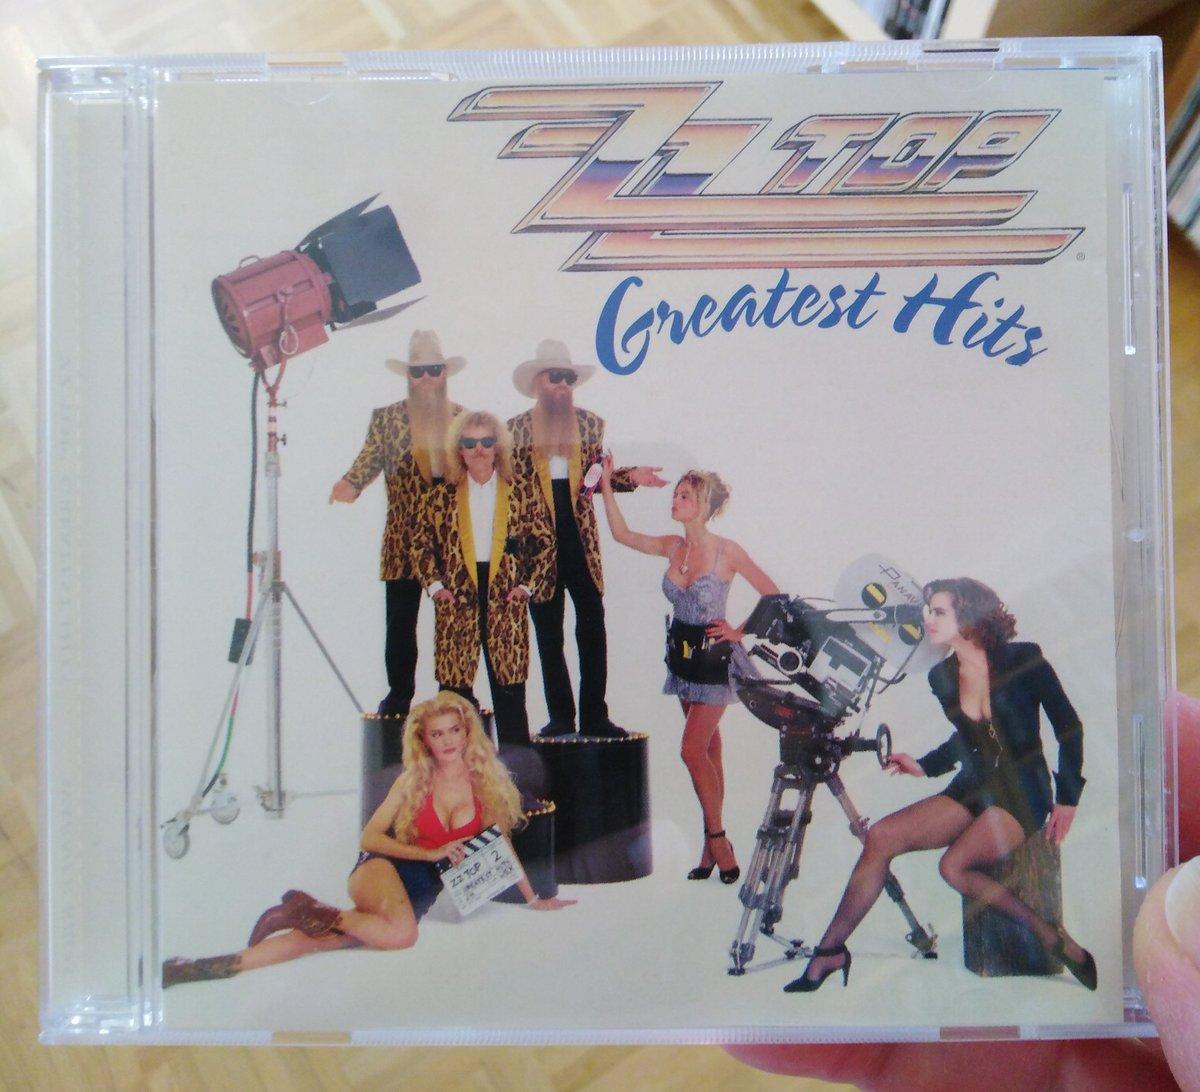 """Mal was zu essen zusammenfriemeln...  Soundtrack:  ZZ TOP - """"Greatest Hits"""" (1992)  Hier gibt es (fast) keine Experimente...nur die Hits! 2 damals neue Stücke... u. a. Viva Las Vegas, aber das ist kein Experiment.  #christianlauscht #wirbleibenzuhause #StayHomepic.twitter.com/IoD4MjQS05"""